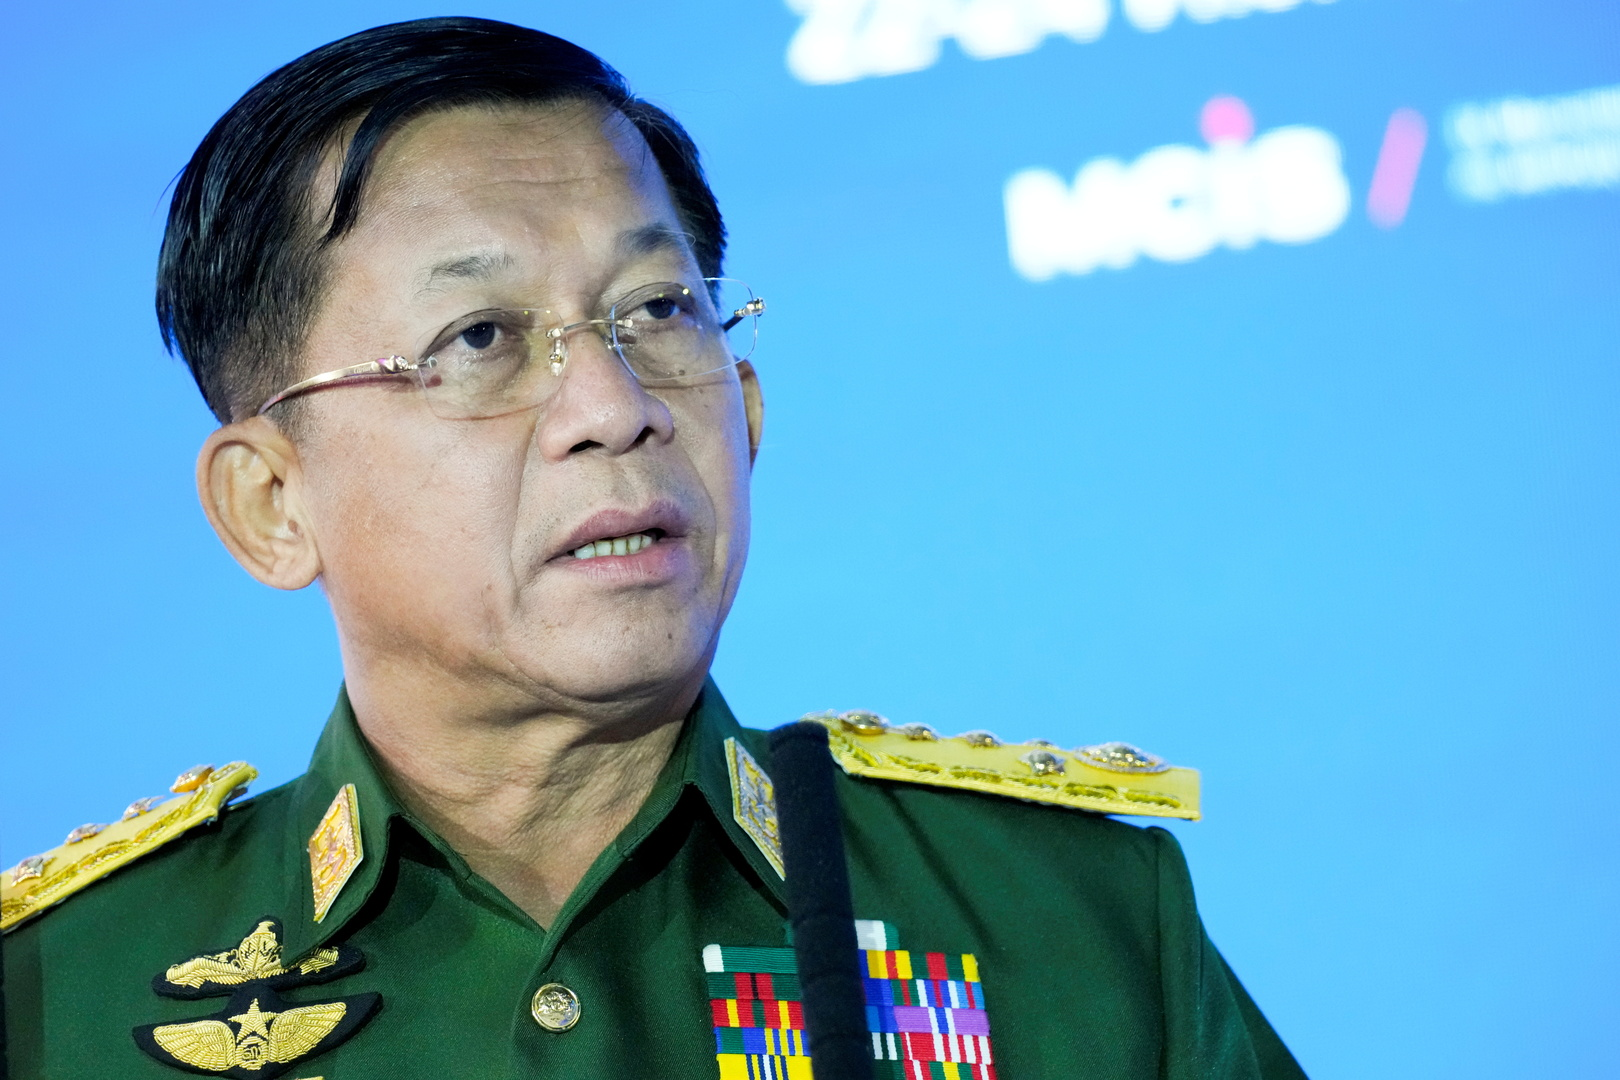 وسائل إعلام رسمية: حاكم ميانمار العسكري يصبح رئيسا للوزراء